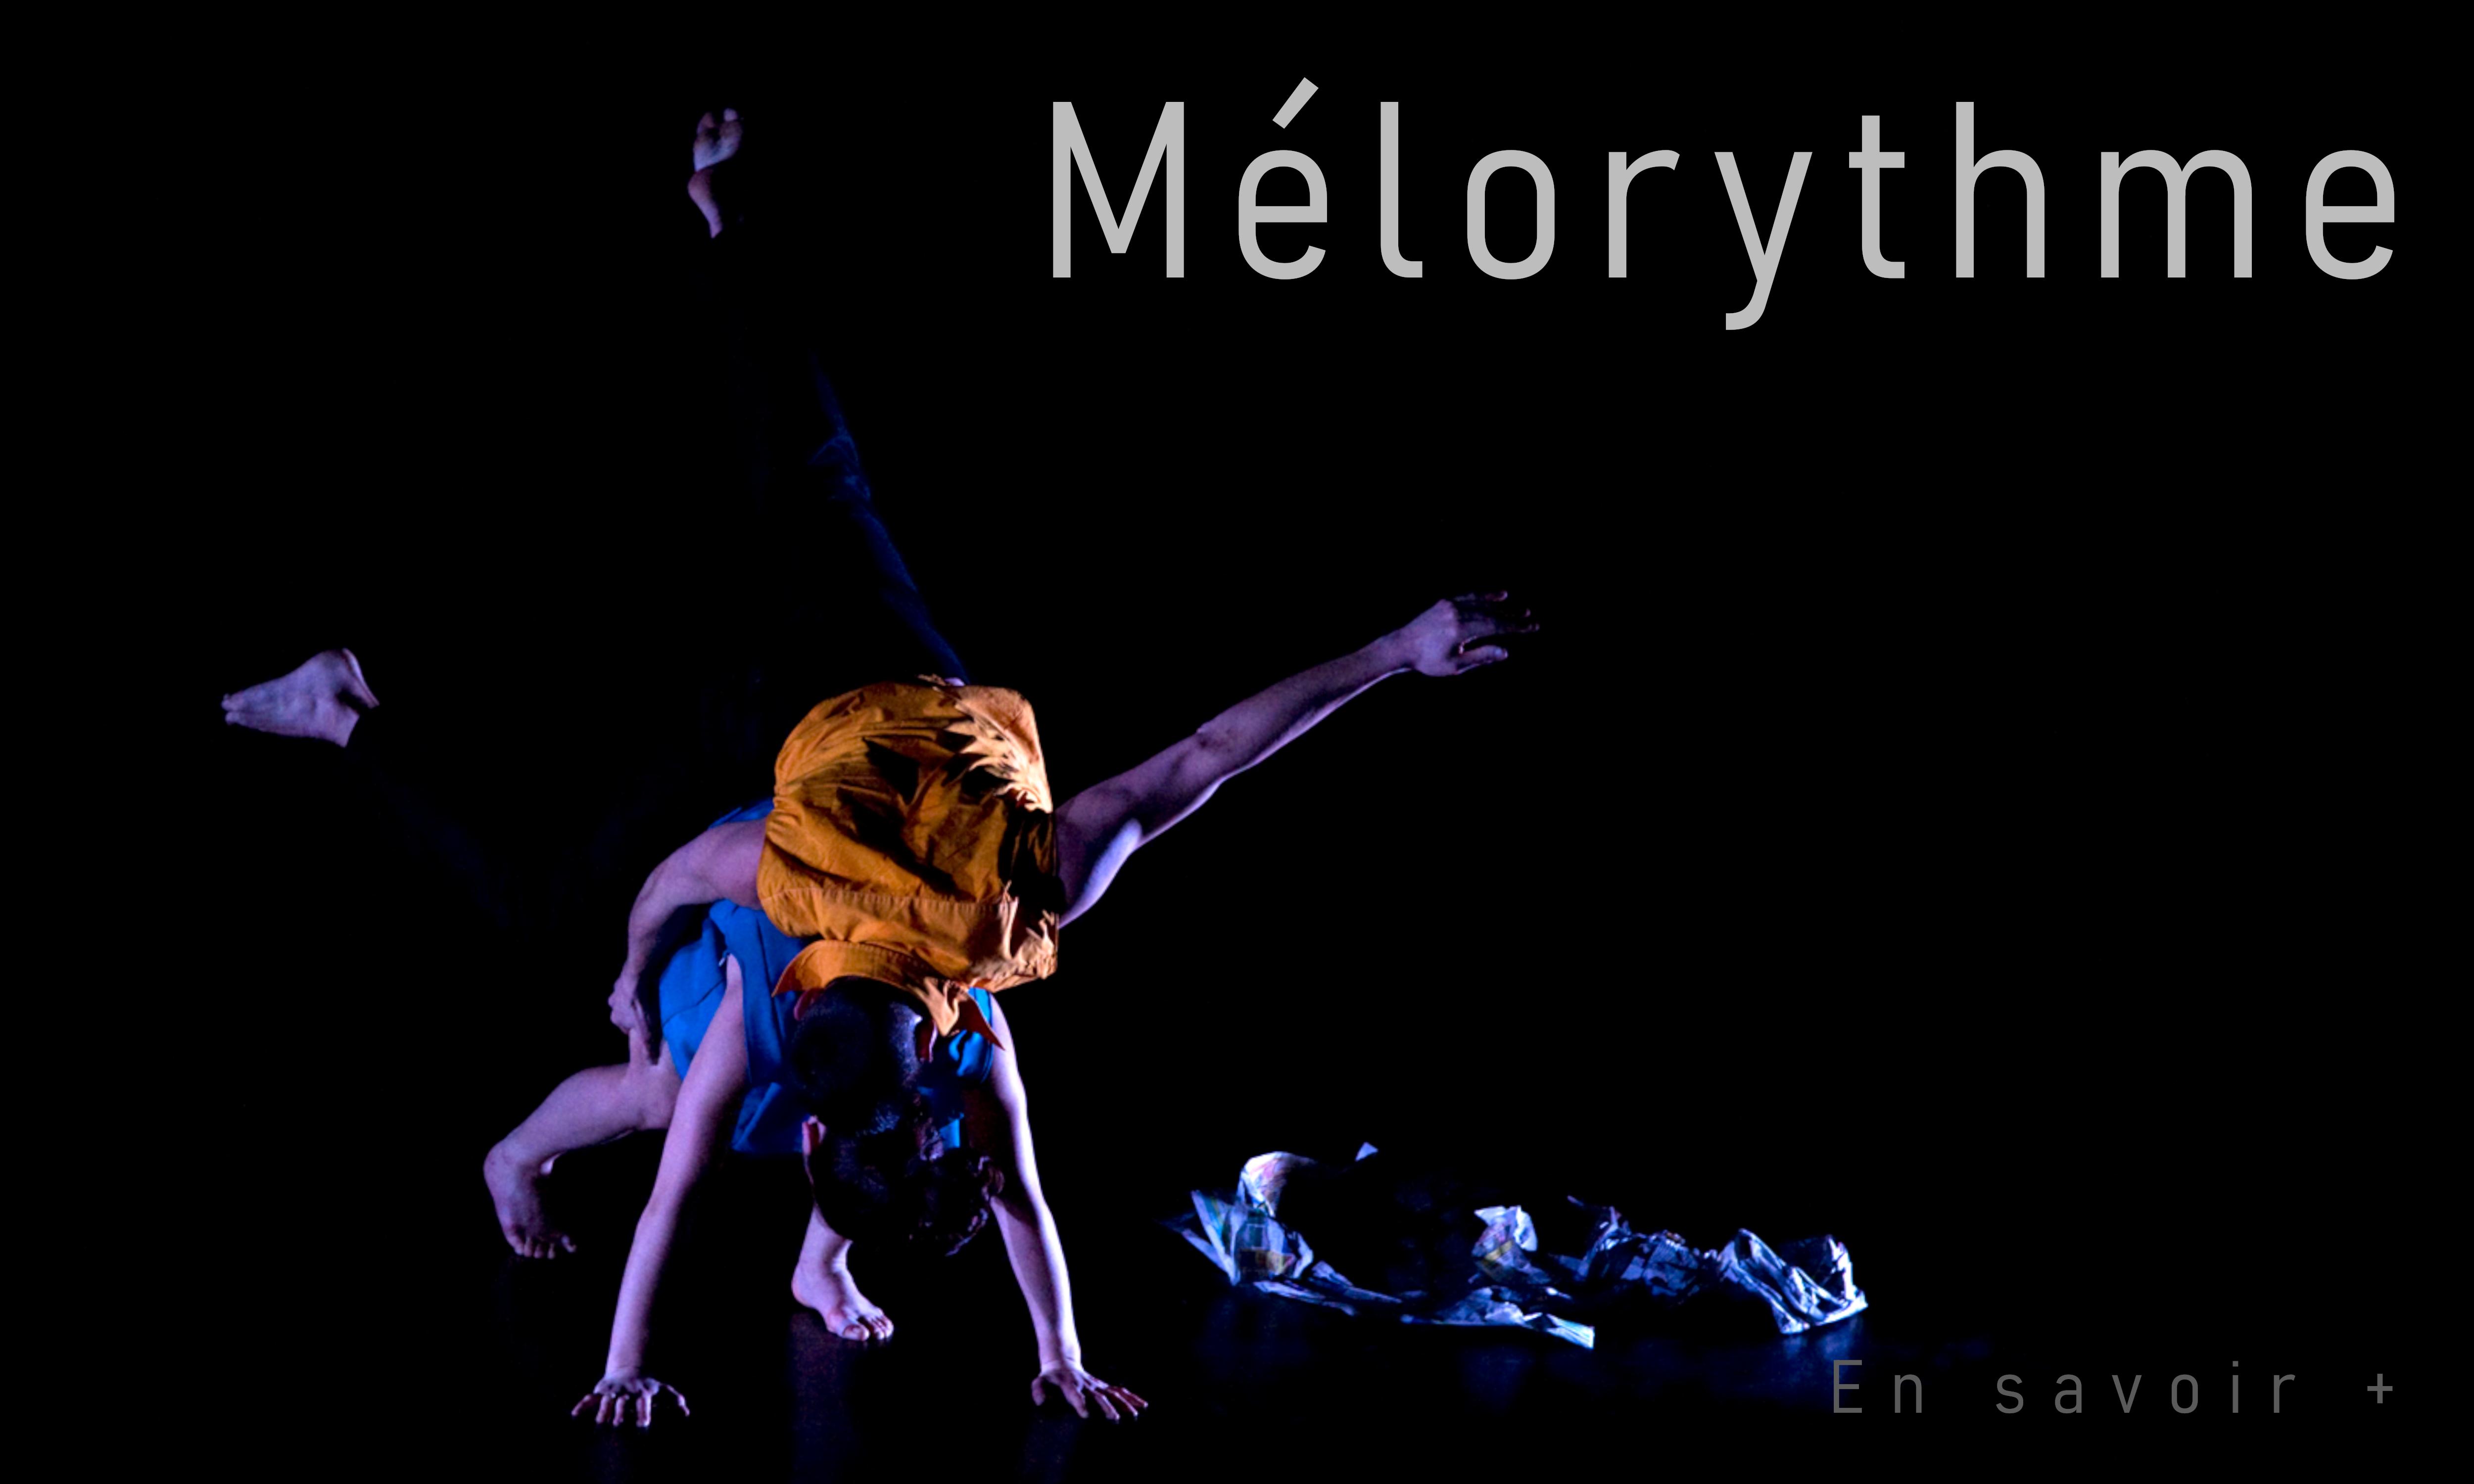 Mélorythme